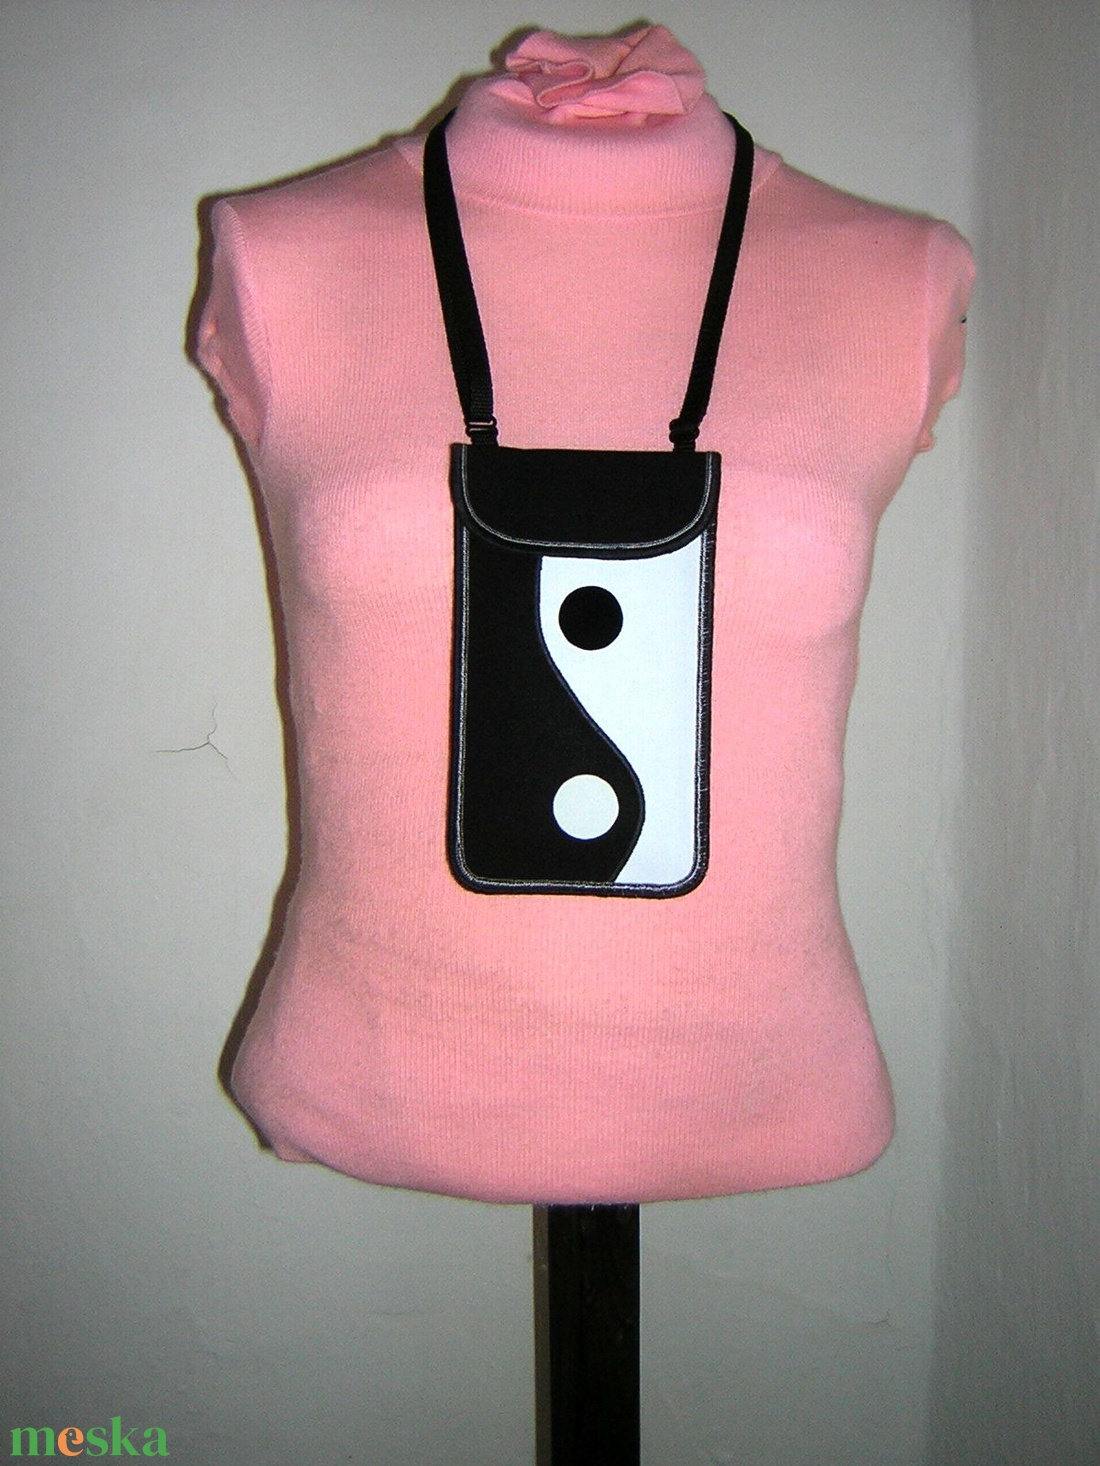 Telefontok állítható pánttal  XL telefon tartó nyakba-akasztható kistáska oldaltáska Yin-Yang fekete-fehér - táska & tok - pénztárca & más tok - telefontok - Meska.hu